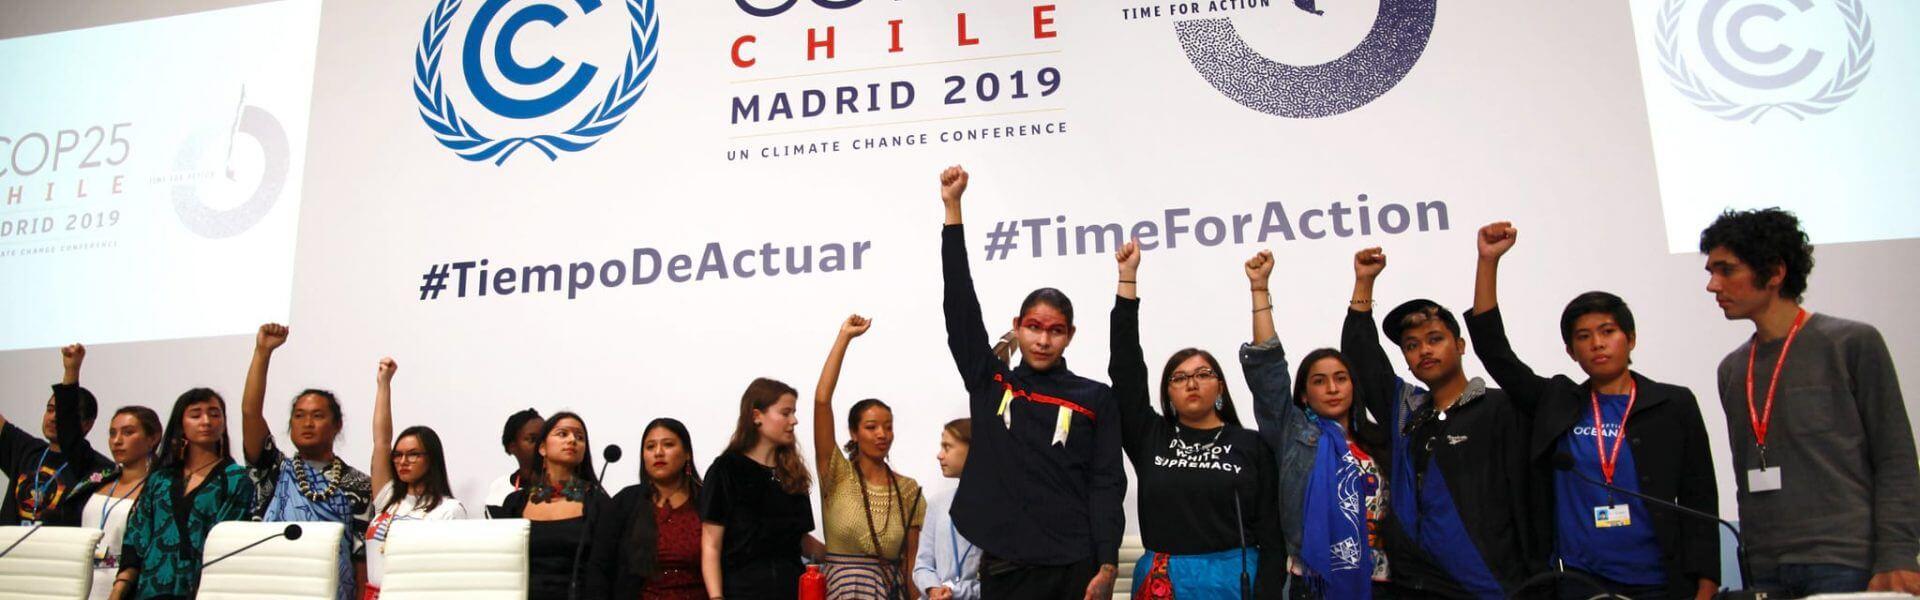 פעילי אקלים צעירים בועידת האקלים במדריד 2019, unfccc flicker